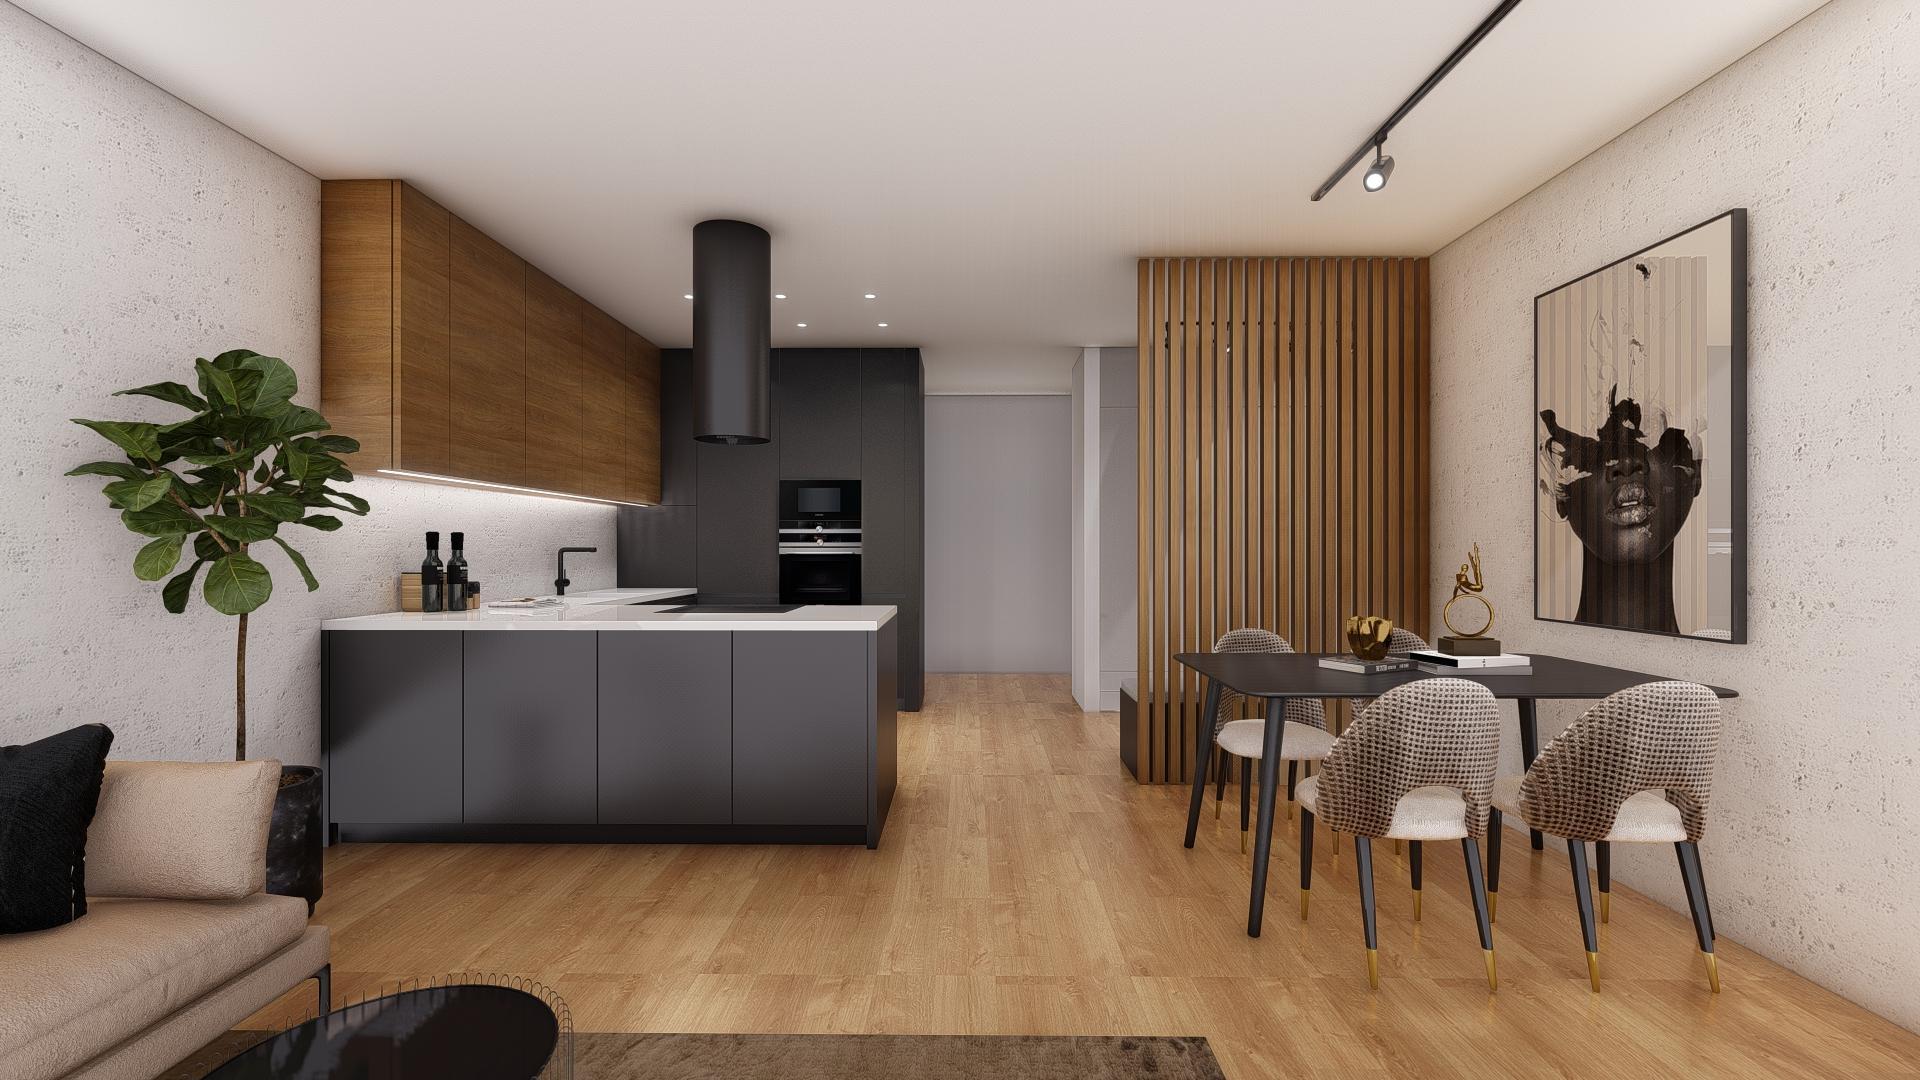 Návrhy a 3D vizualizácie interiérov